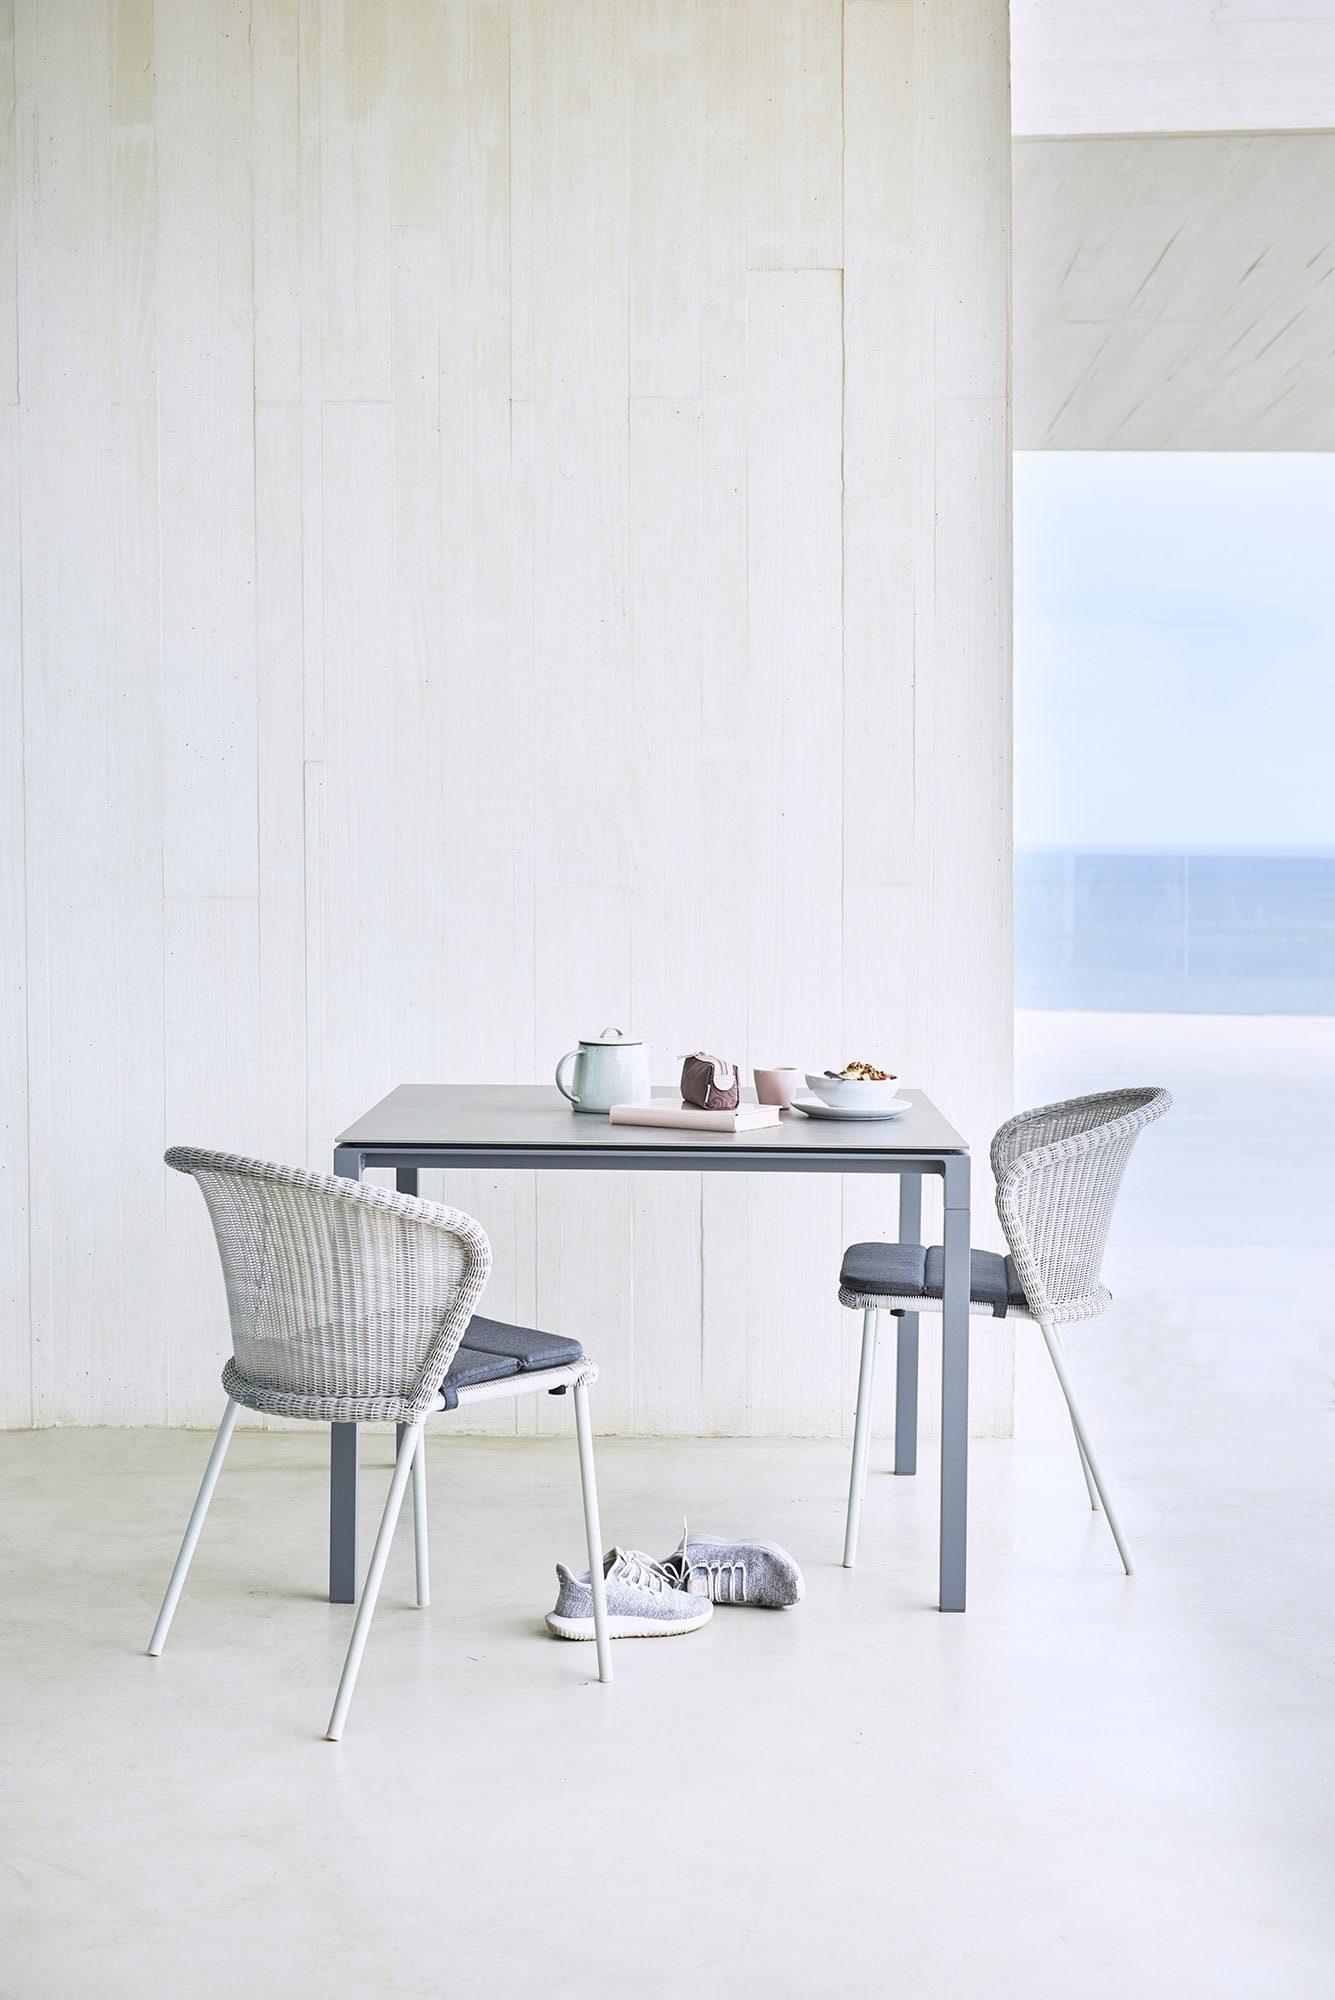 Miljöbild av Lean stol med Pure matbod.